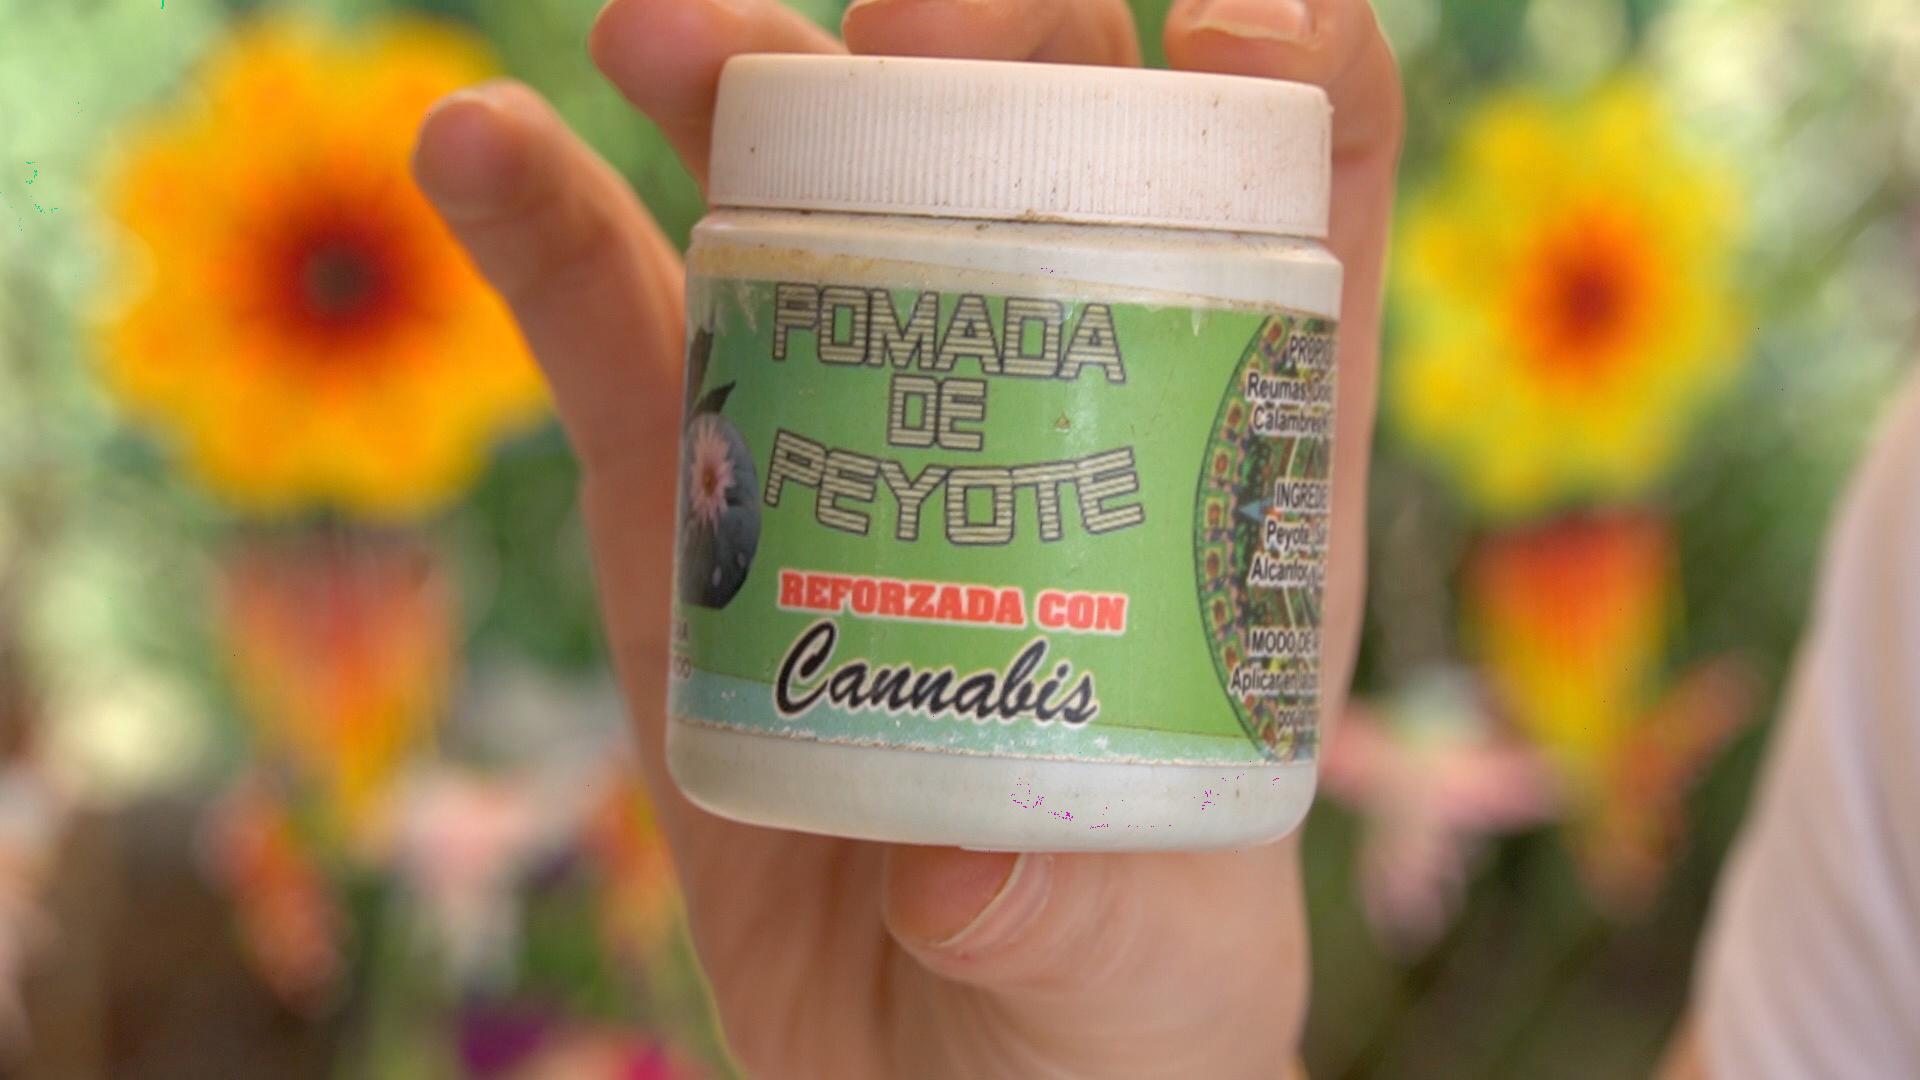 Pomada de peyote y cannabis elaborada por los huicholes